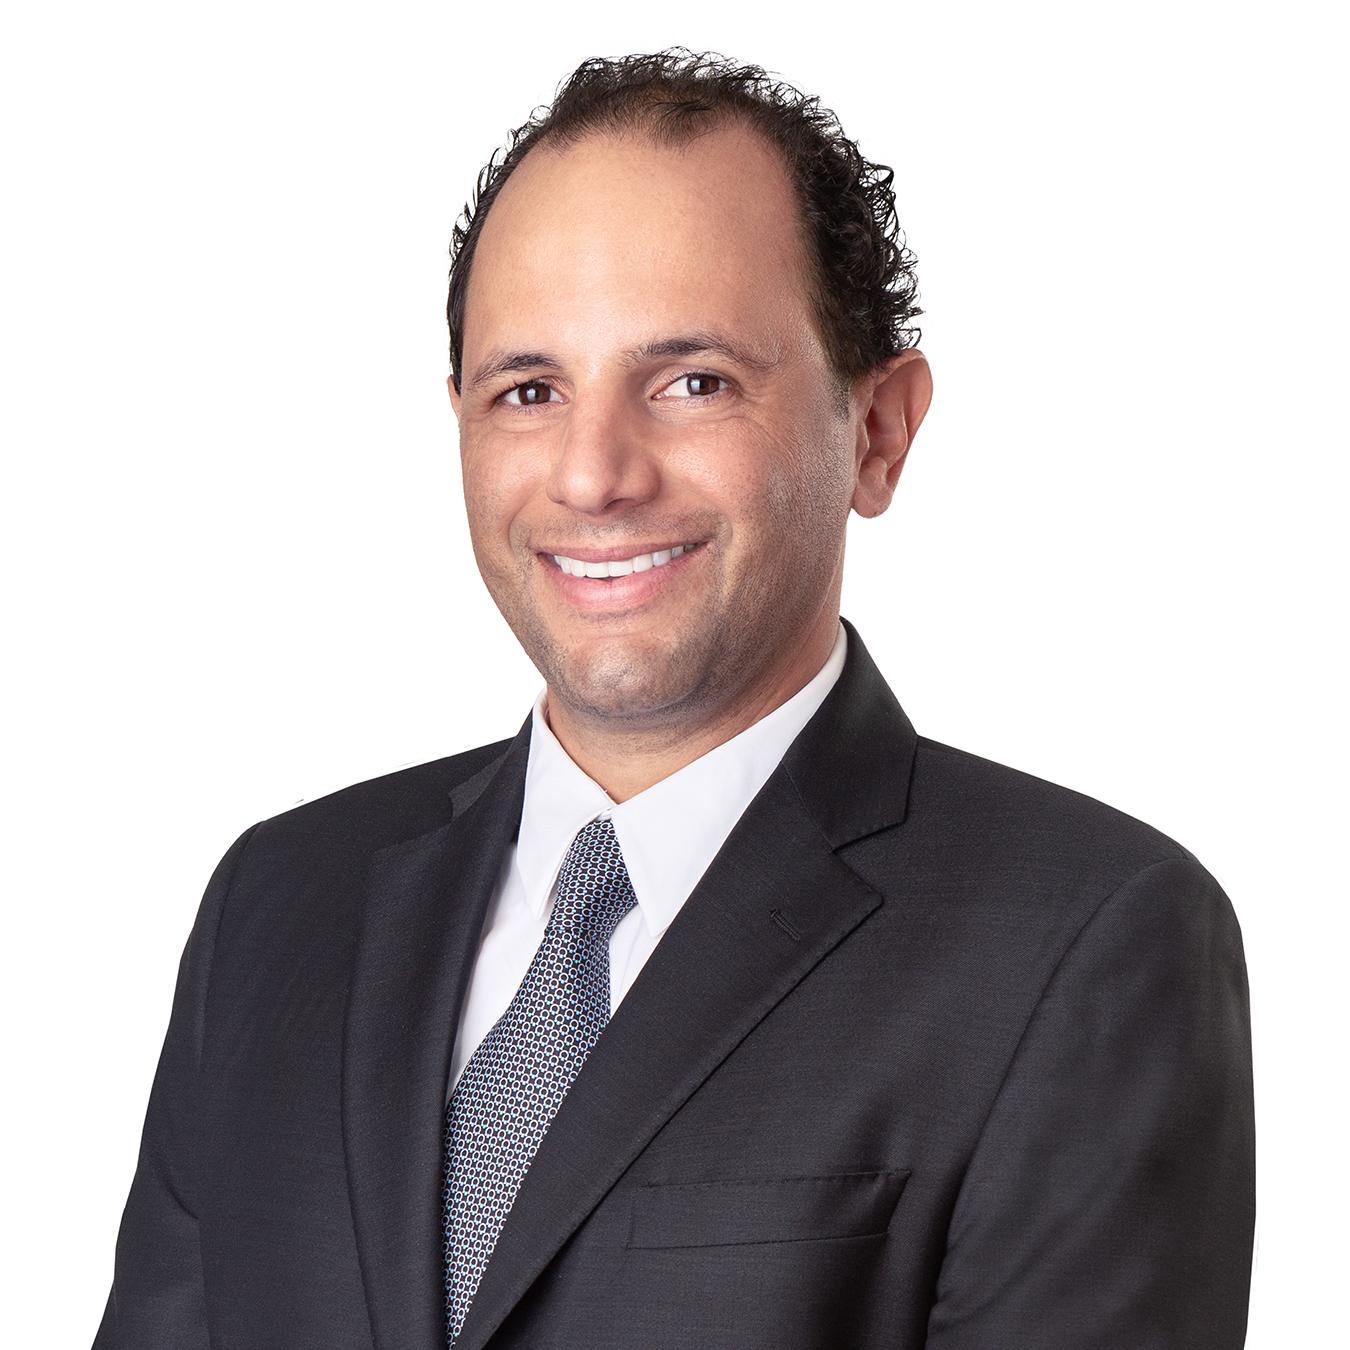 David MichanDavid是SDJA的校友和现任家长. 自1985年以来,SDJA一直是大卫家庭的一部分,是教导和保护米干家族犹太人生活的基金会. 作为董事会成员,David期待着给fu…